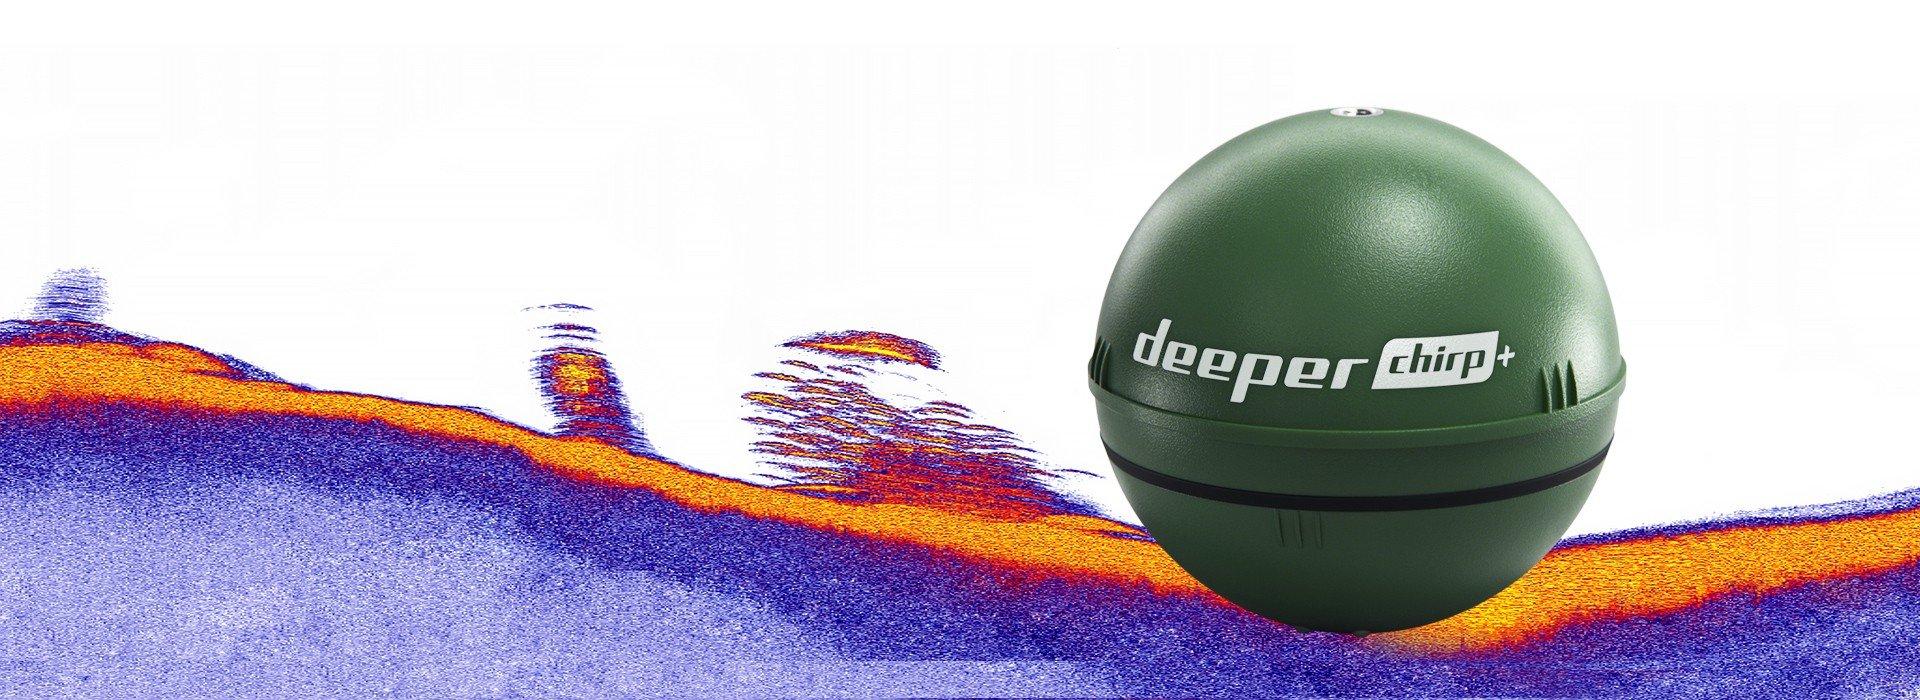 La pêche va de l'avantLe seul sondeur CHIRP lançable au monde doté d'un GPS intégré